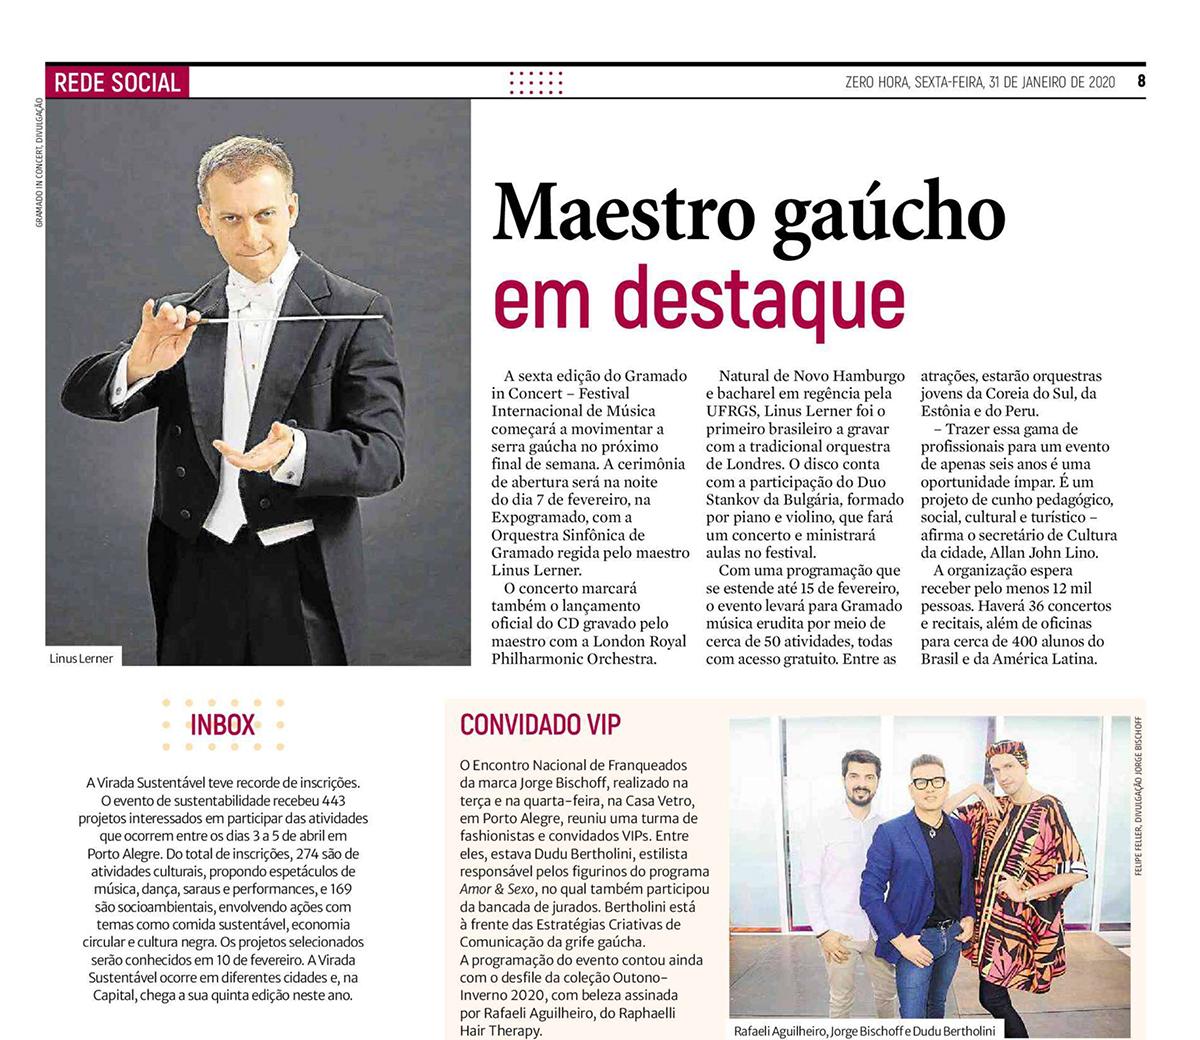 Maestro Gaúcho em destaque